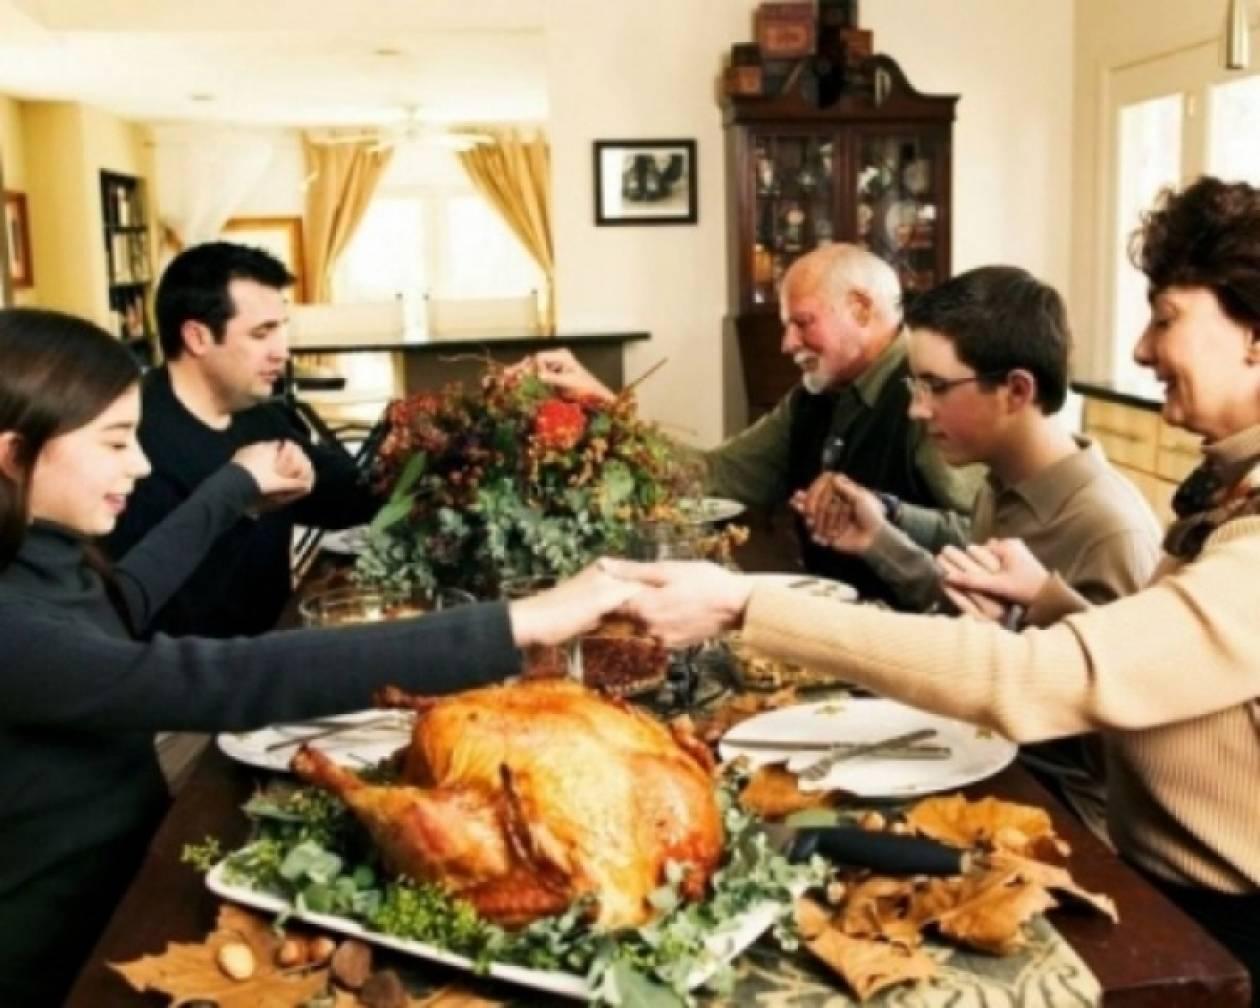 Τα πιο λυπηρά updates στο Facebook για την Ημέρα των Ευχαριστιών